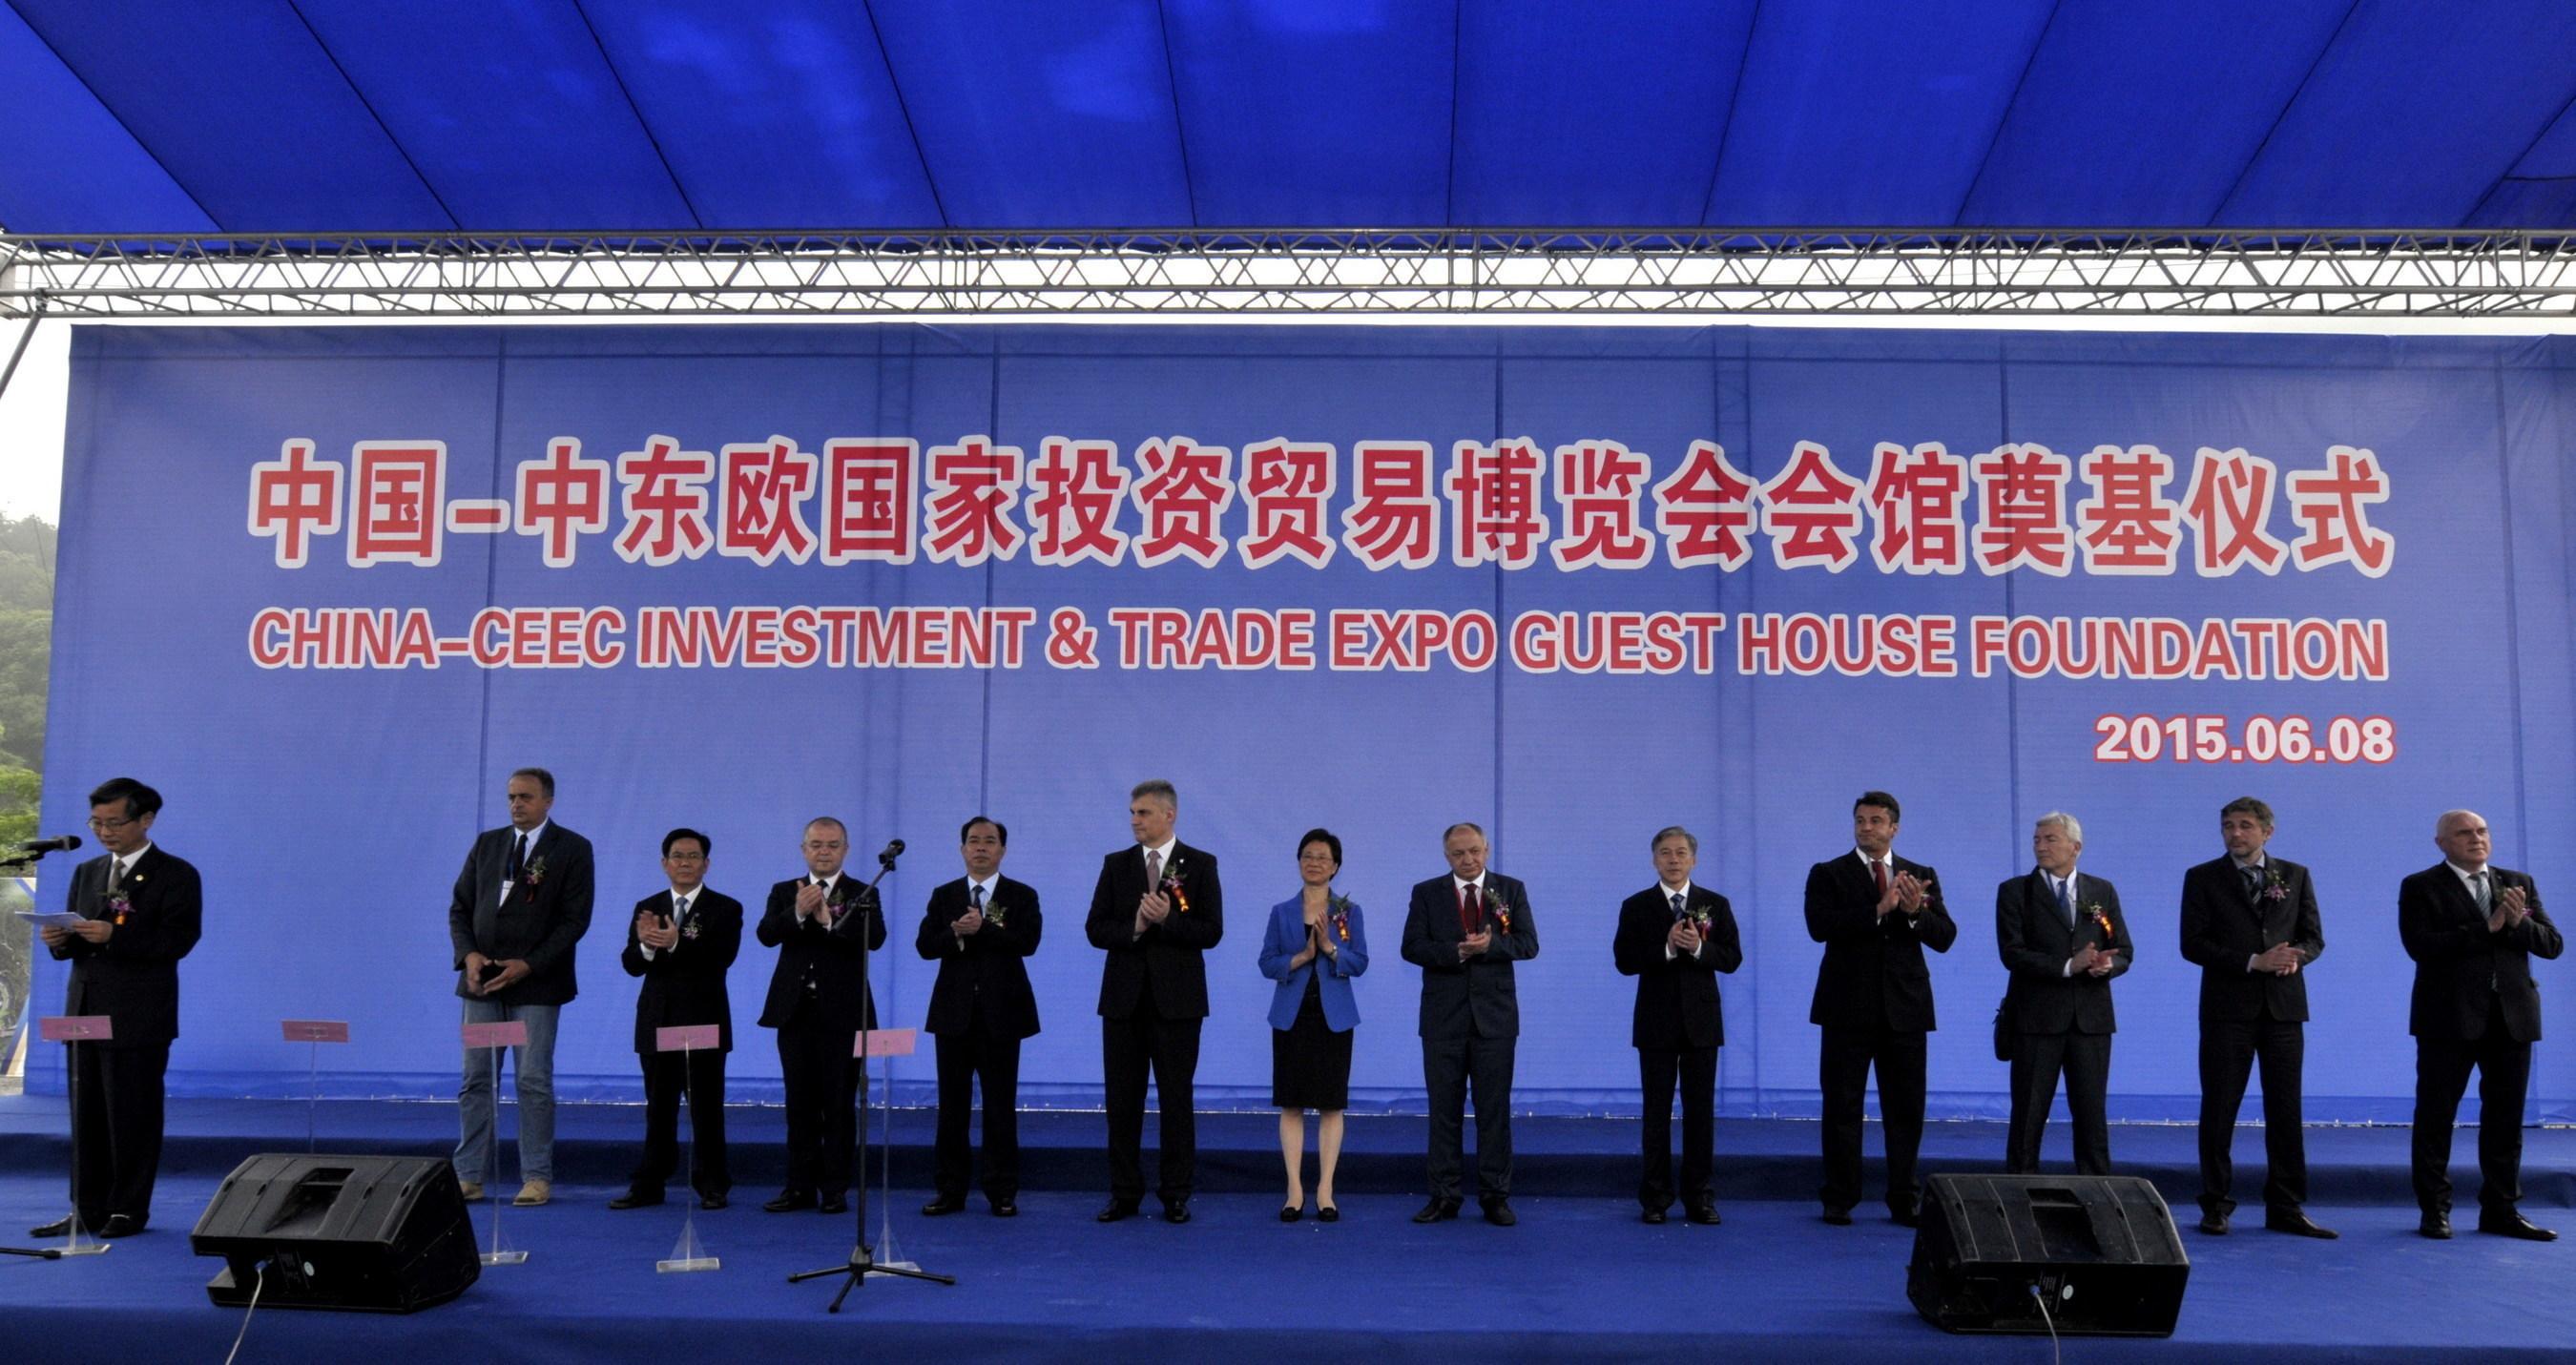 Die neue China-CEEC Expo Kongresshalle als starke Unterstützung für China-CEEC